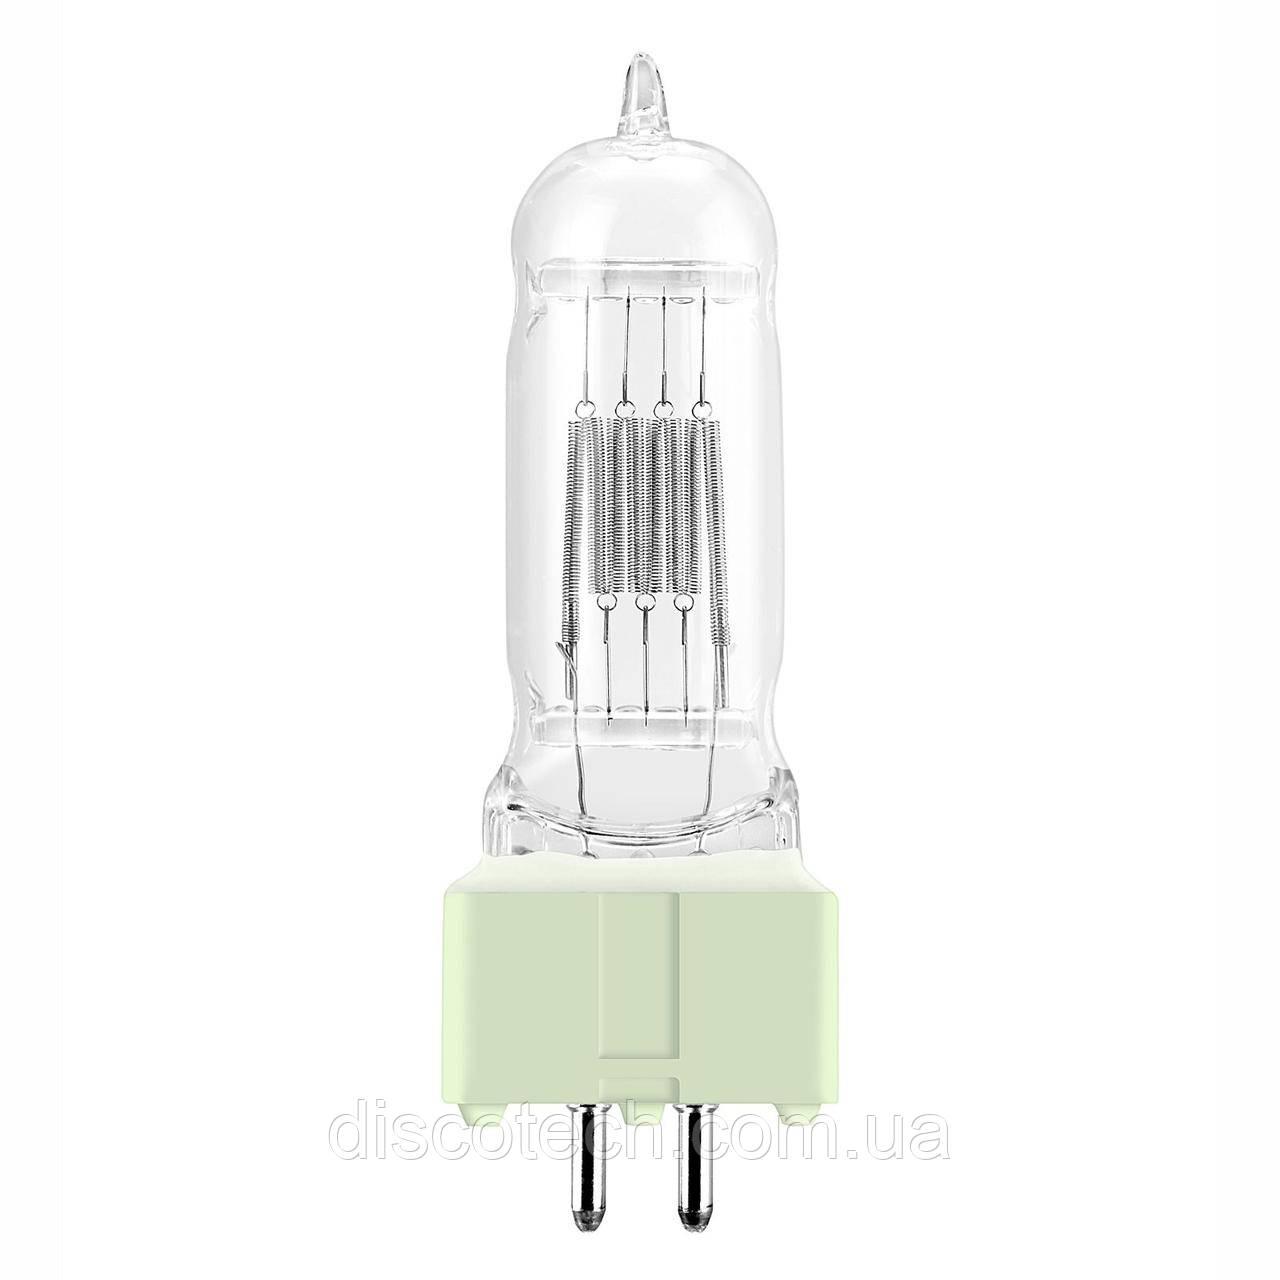 Лампа галогенная, 1000W/230V Osram 64744 T/19